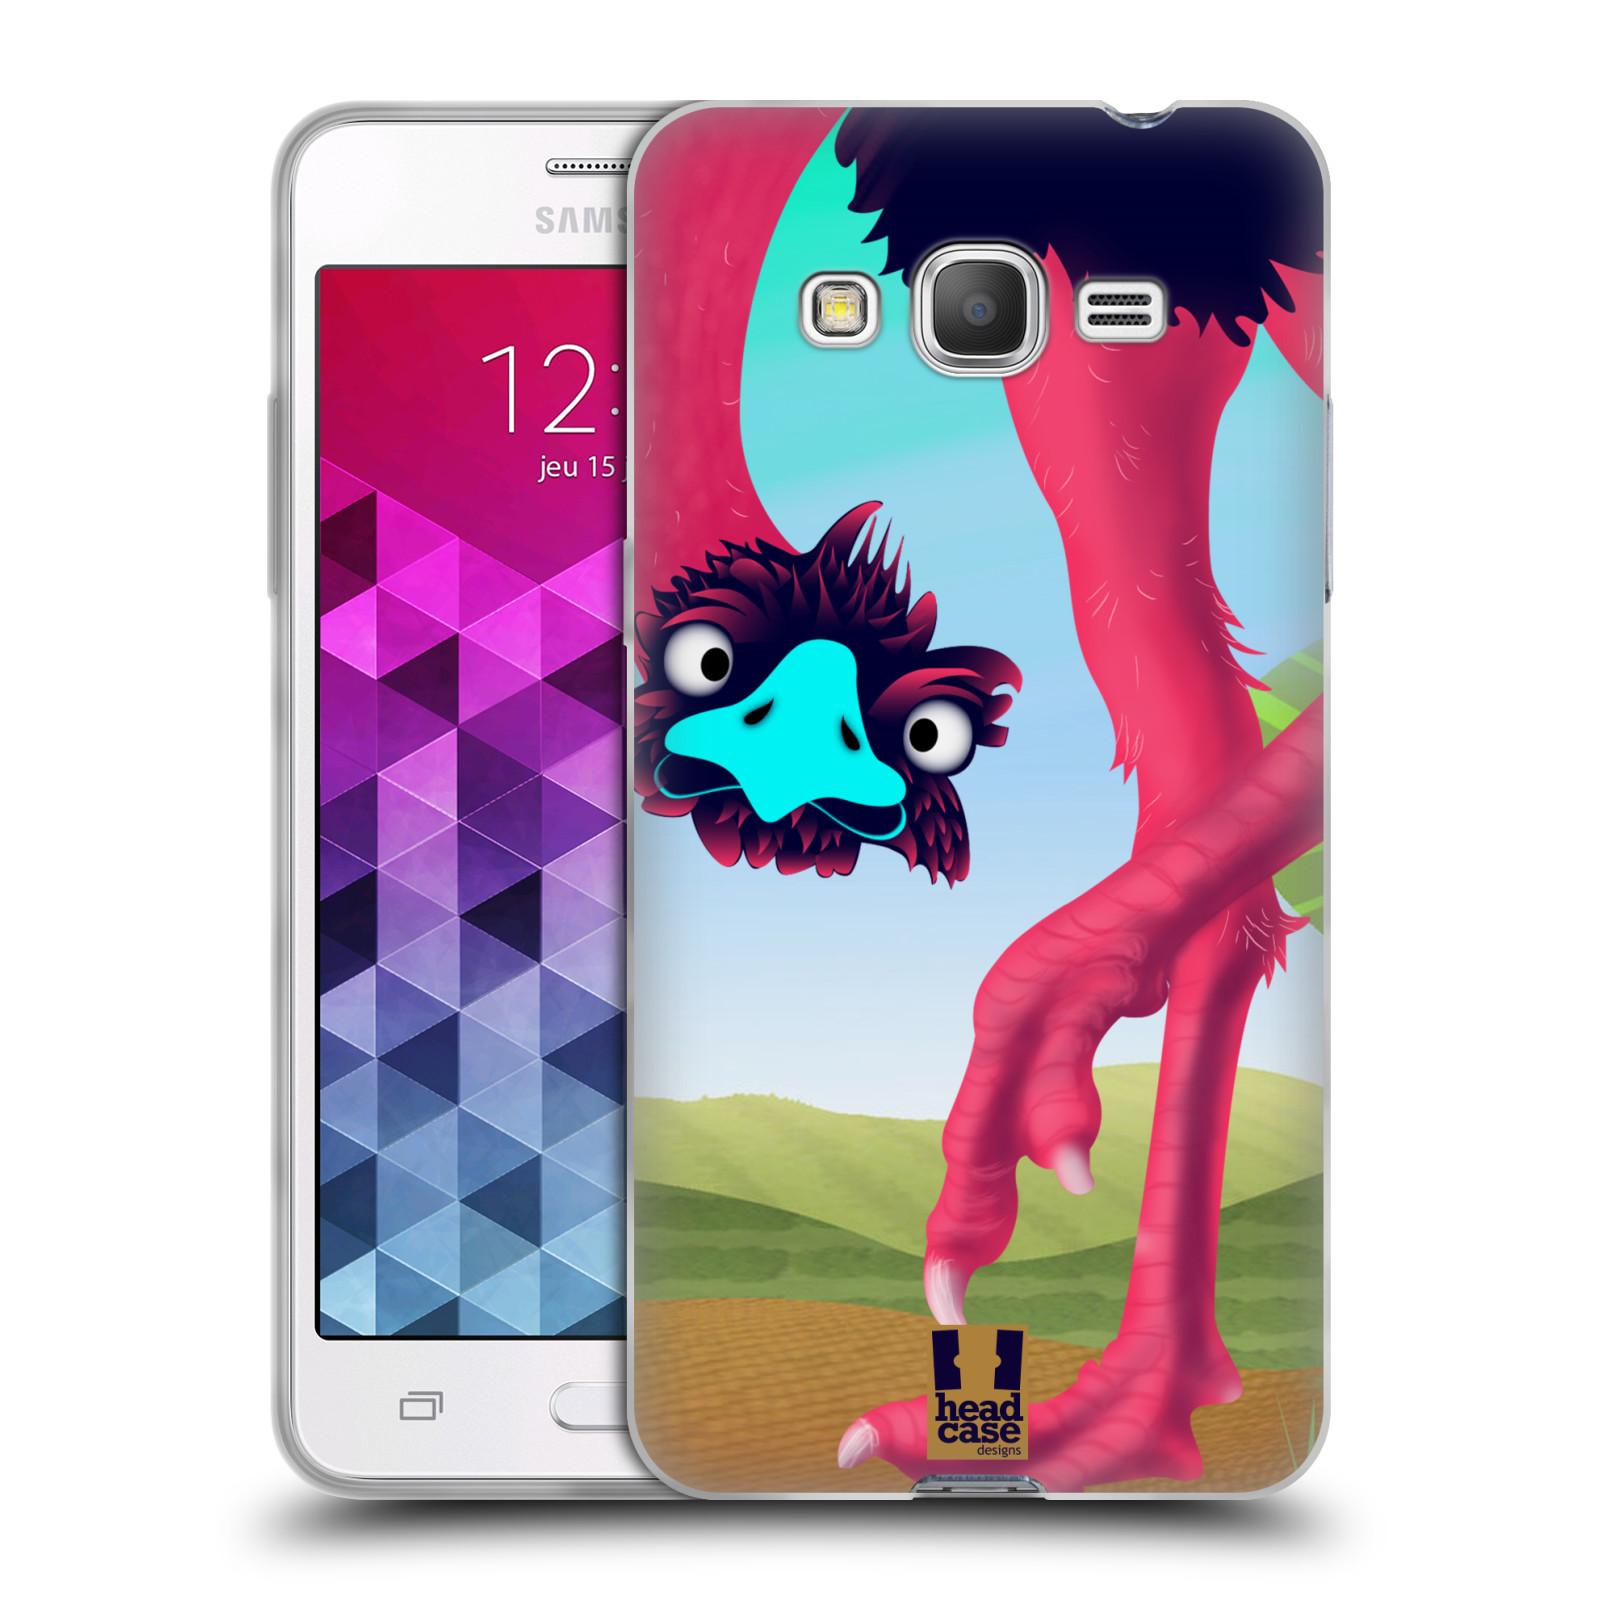 HEAD CASE silikonový obal na mobil Samsung Galaxy GRAND PRIME vzor dlouhé nohy kreslená zvířátka pštros